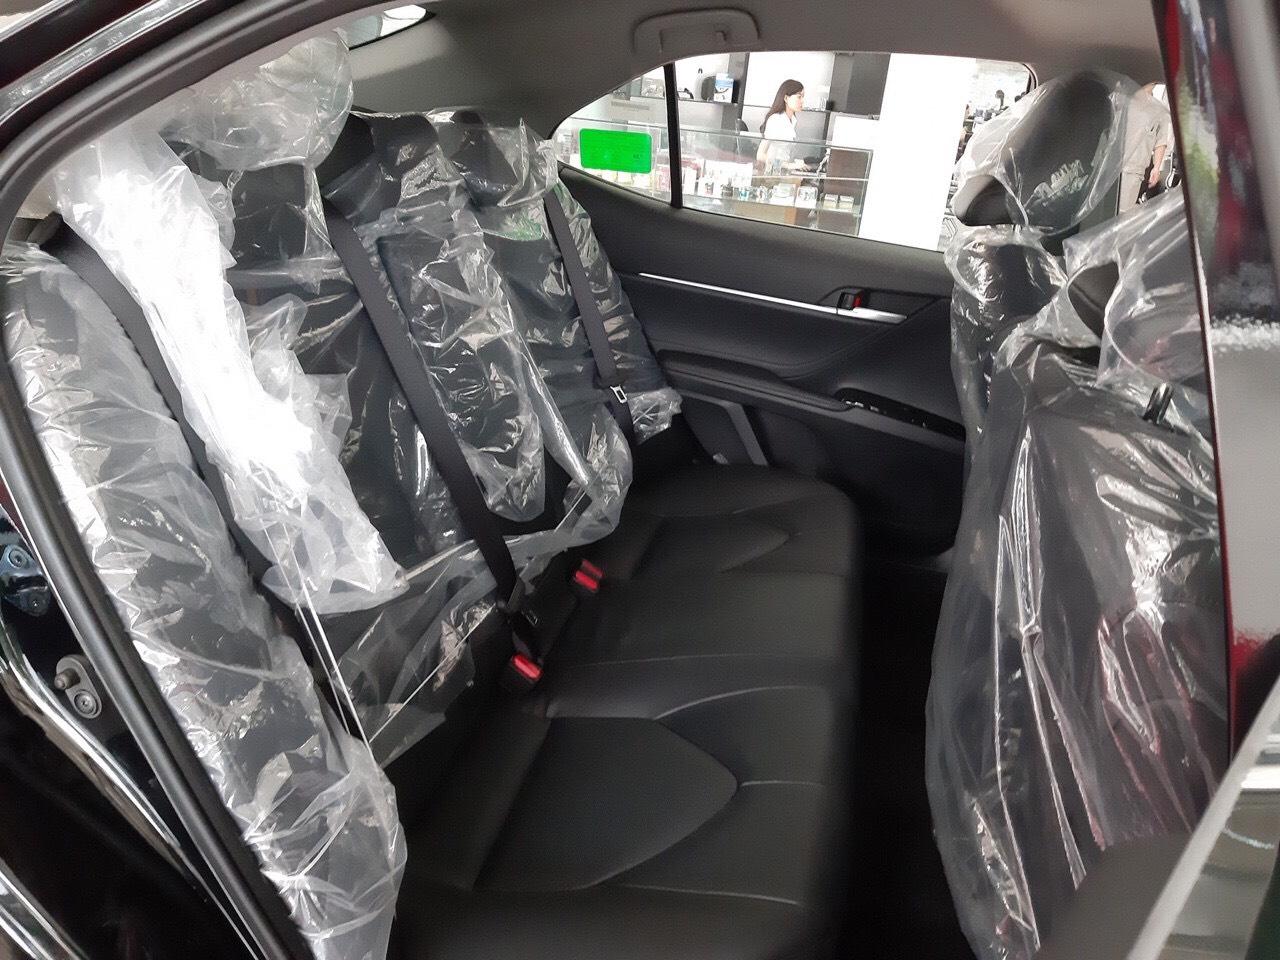 Toyota Camry 2.0G ảnh 7 - Camry 2.0G [hienthinam]: giá xe và khuyến mãi tháng [hienthithang]